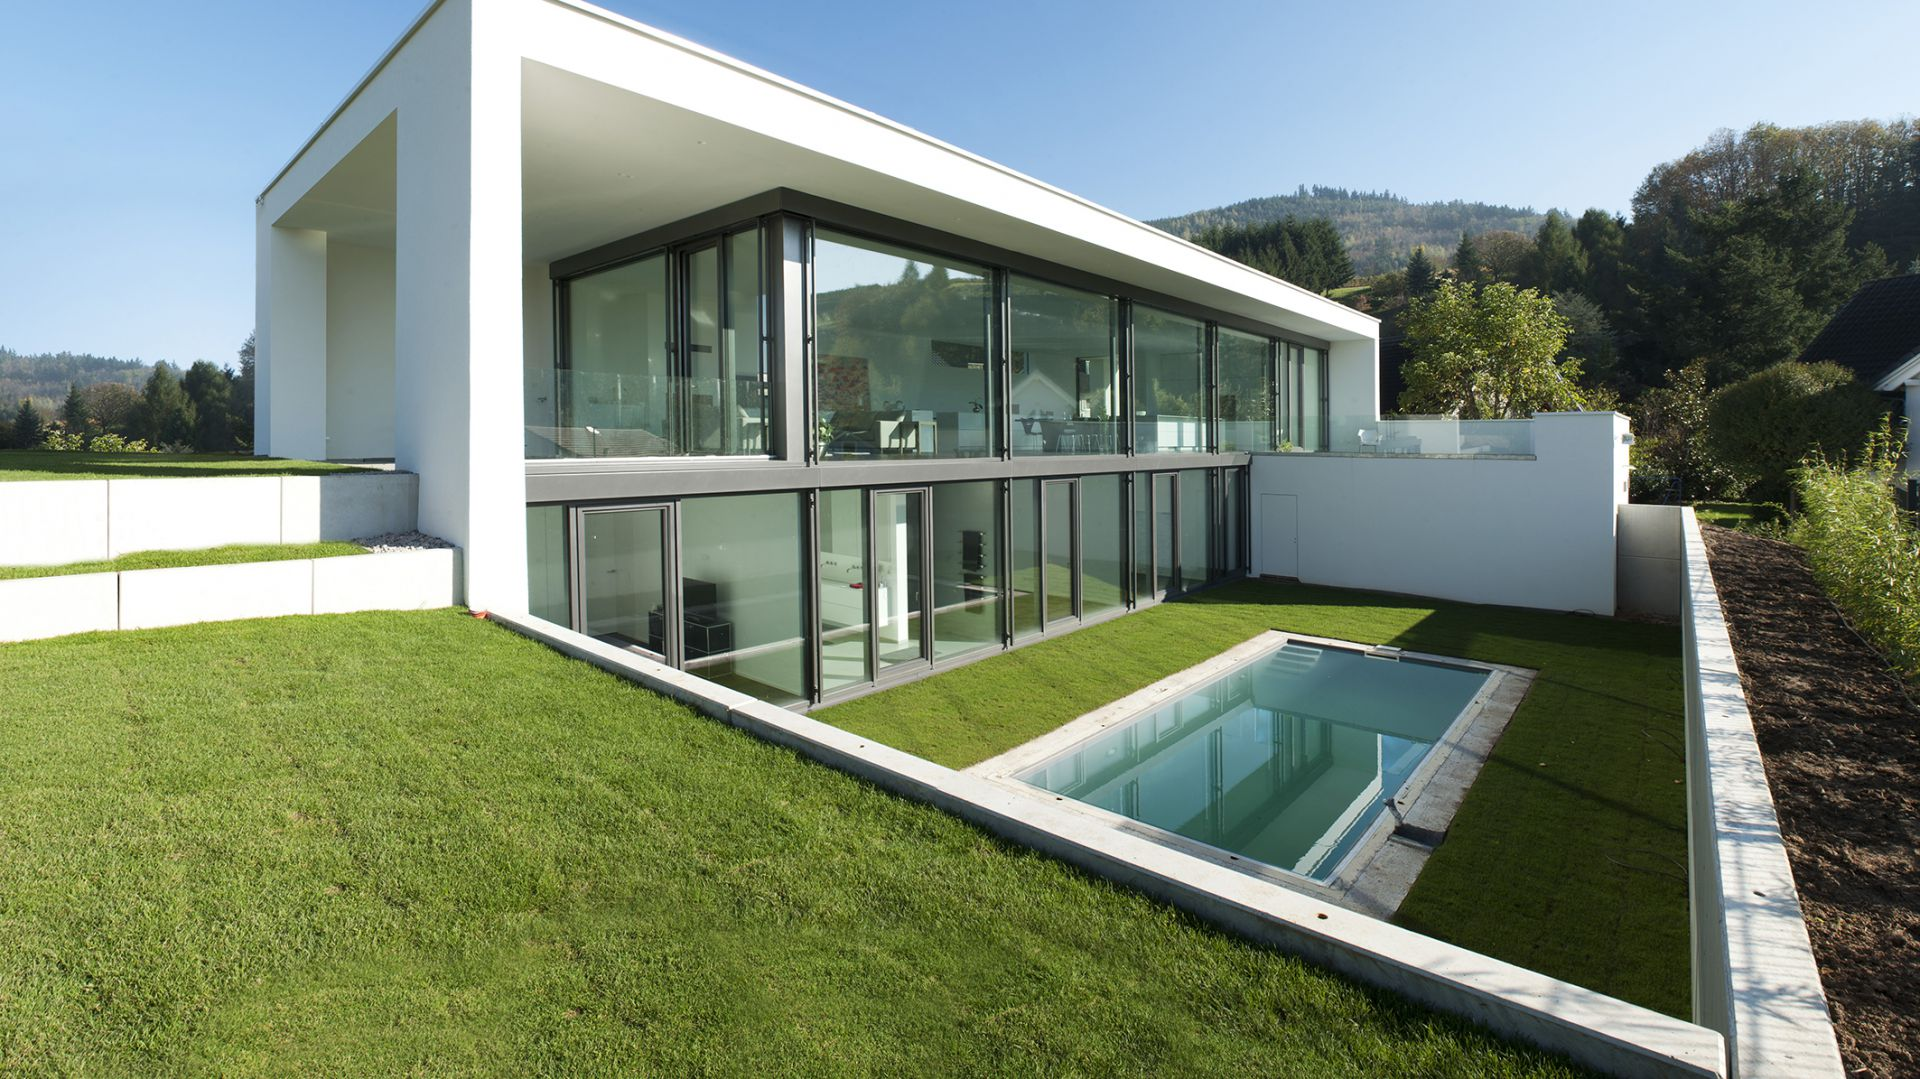 Budownictwo pasywne minimalizuje zużycie energii i zapewnia ponadczasowy design. Fot. Schöck